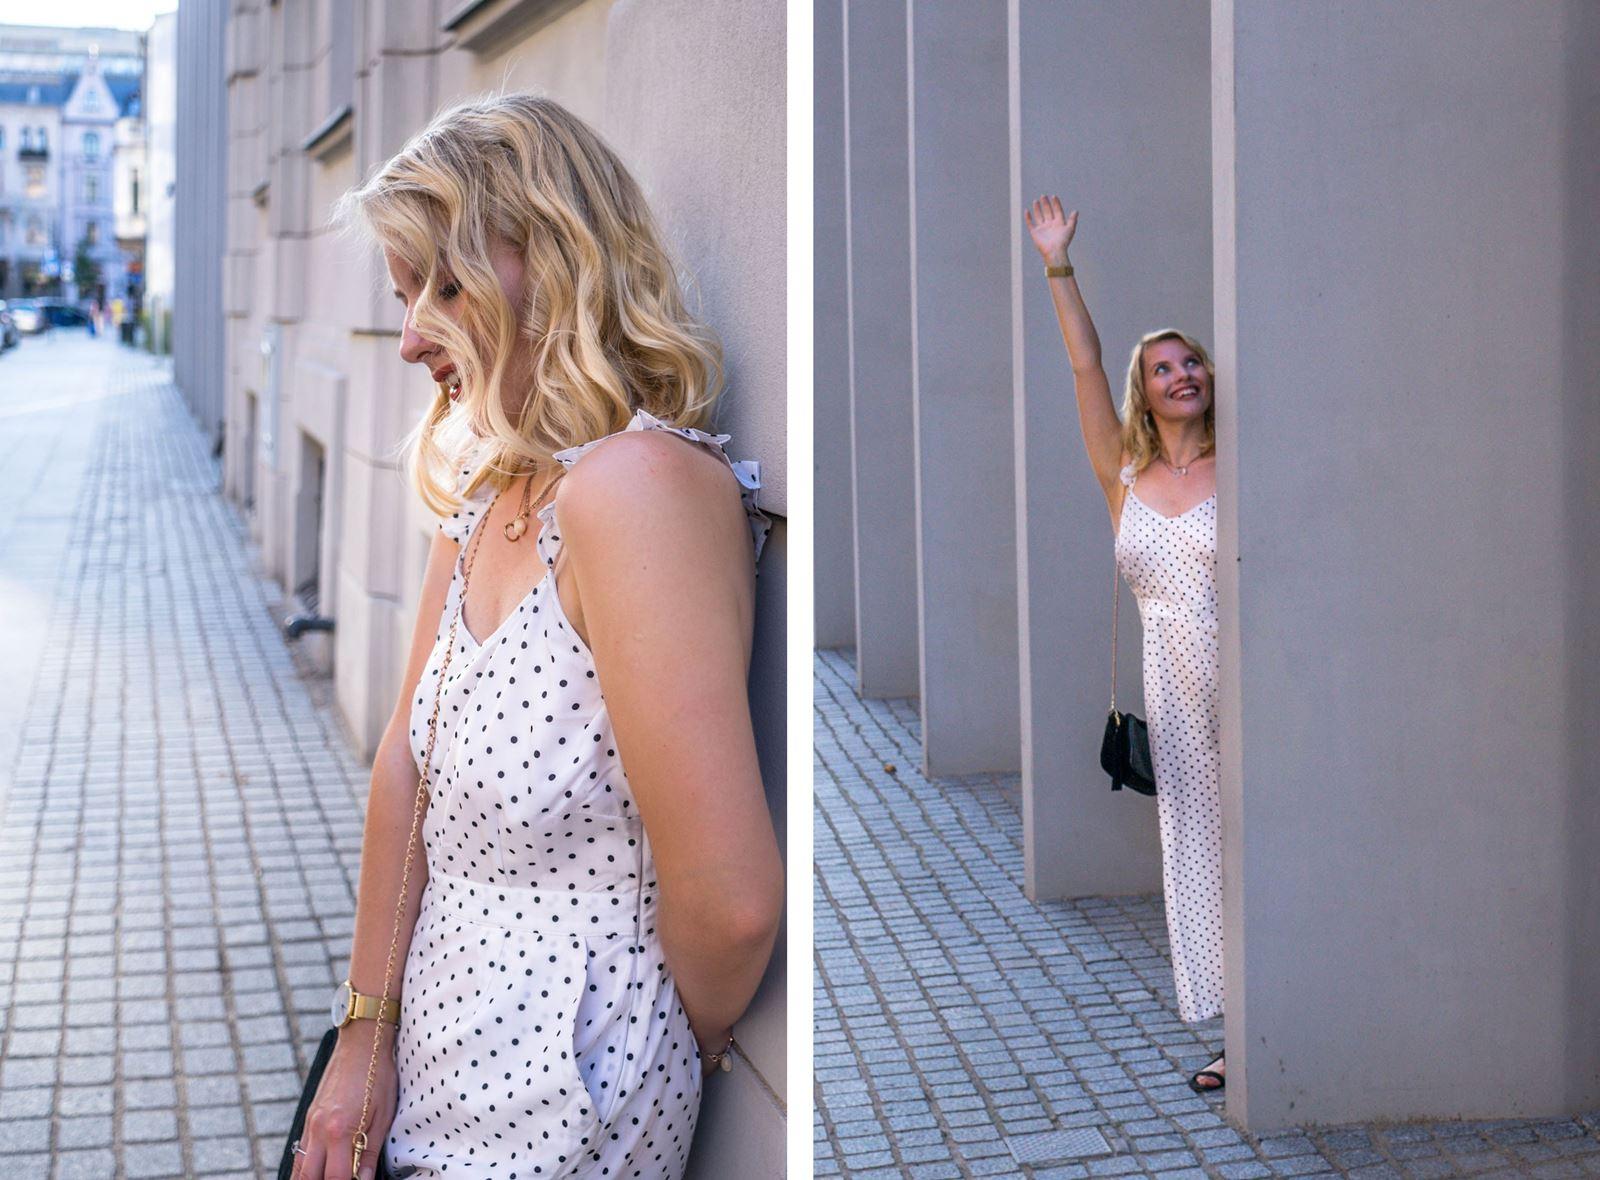 8 modny kombinezon sukienka w groszki jak nosić w grochy sukienki idealne ubranie na wesele w co ubrać się na wesele w lato na poprawiny na-kd opinie modne stylizacje na lato sukienki dla blondynki